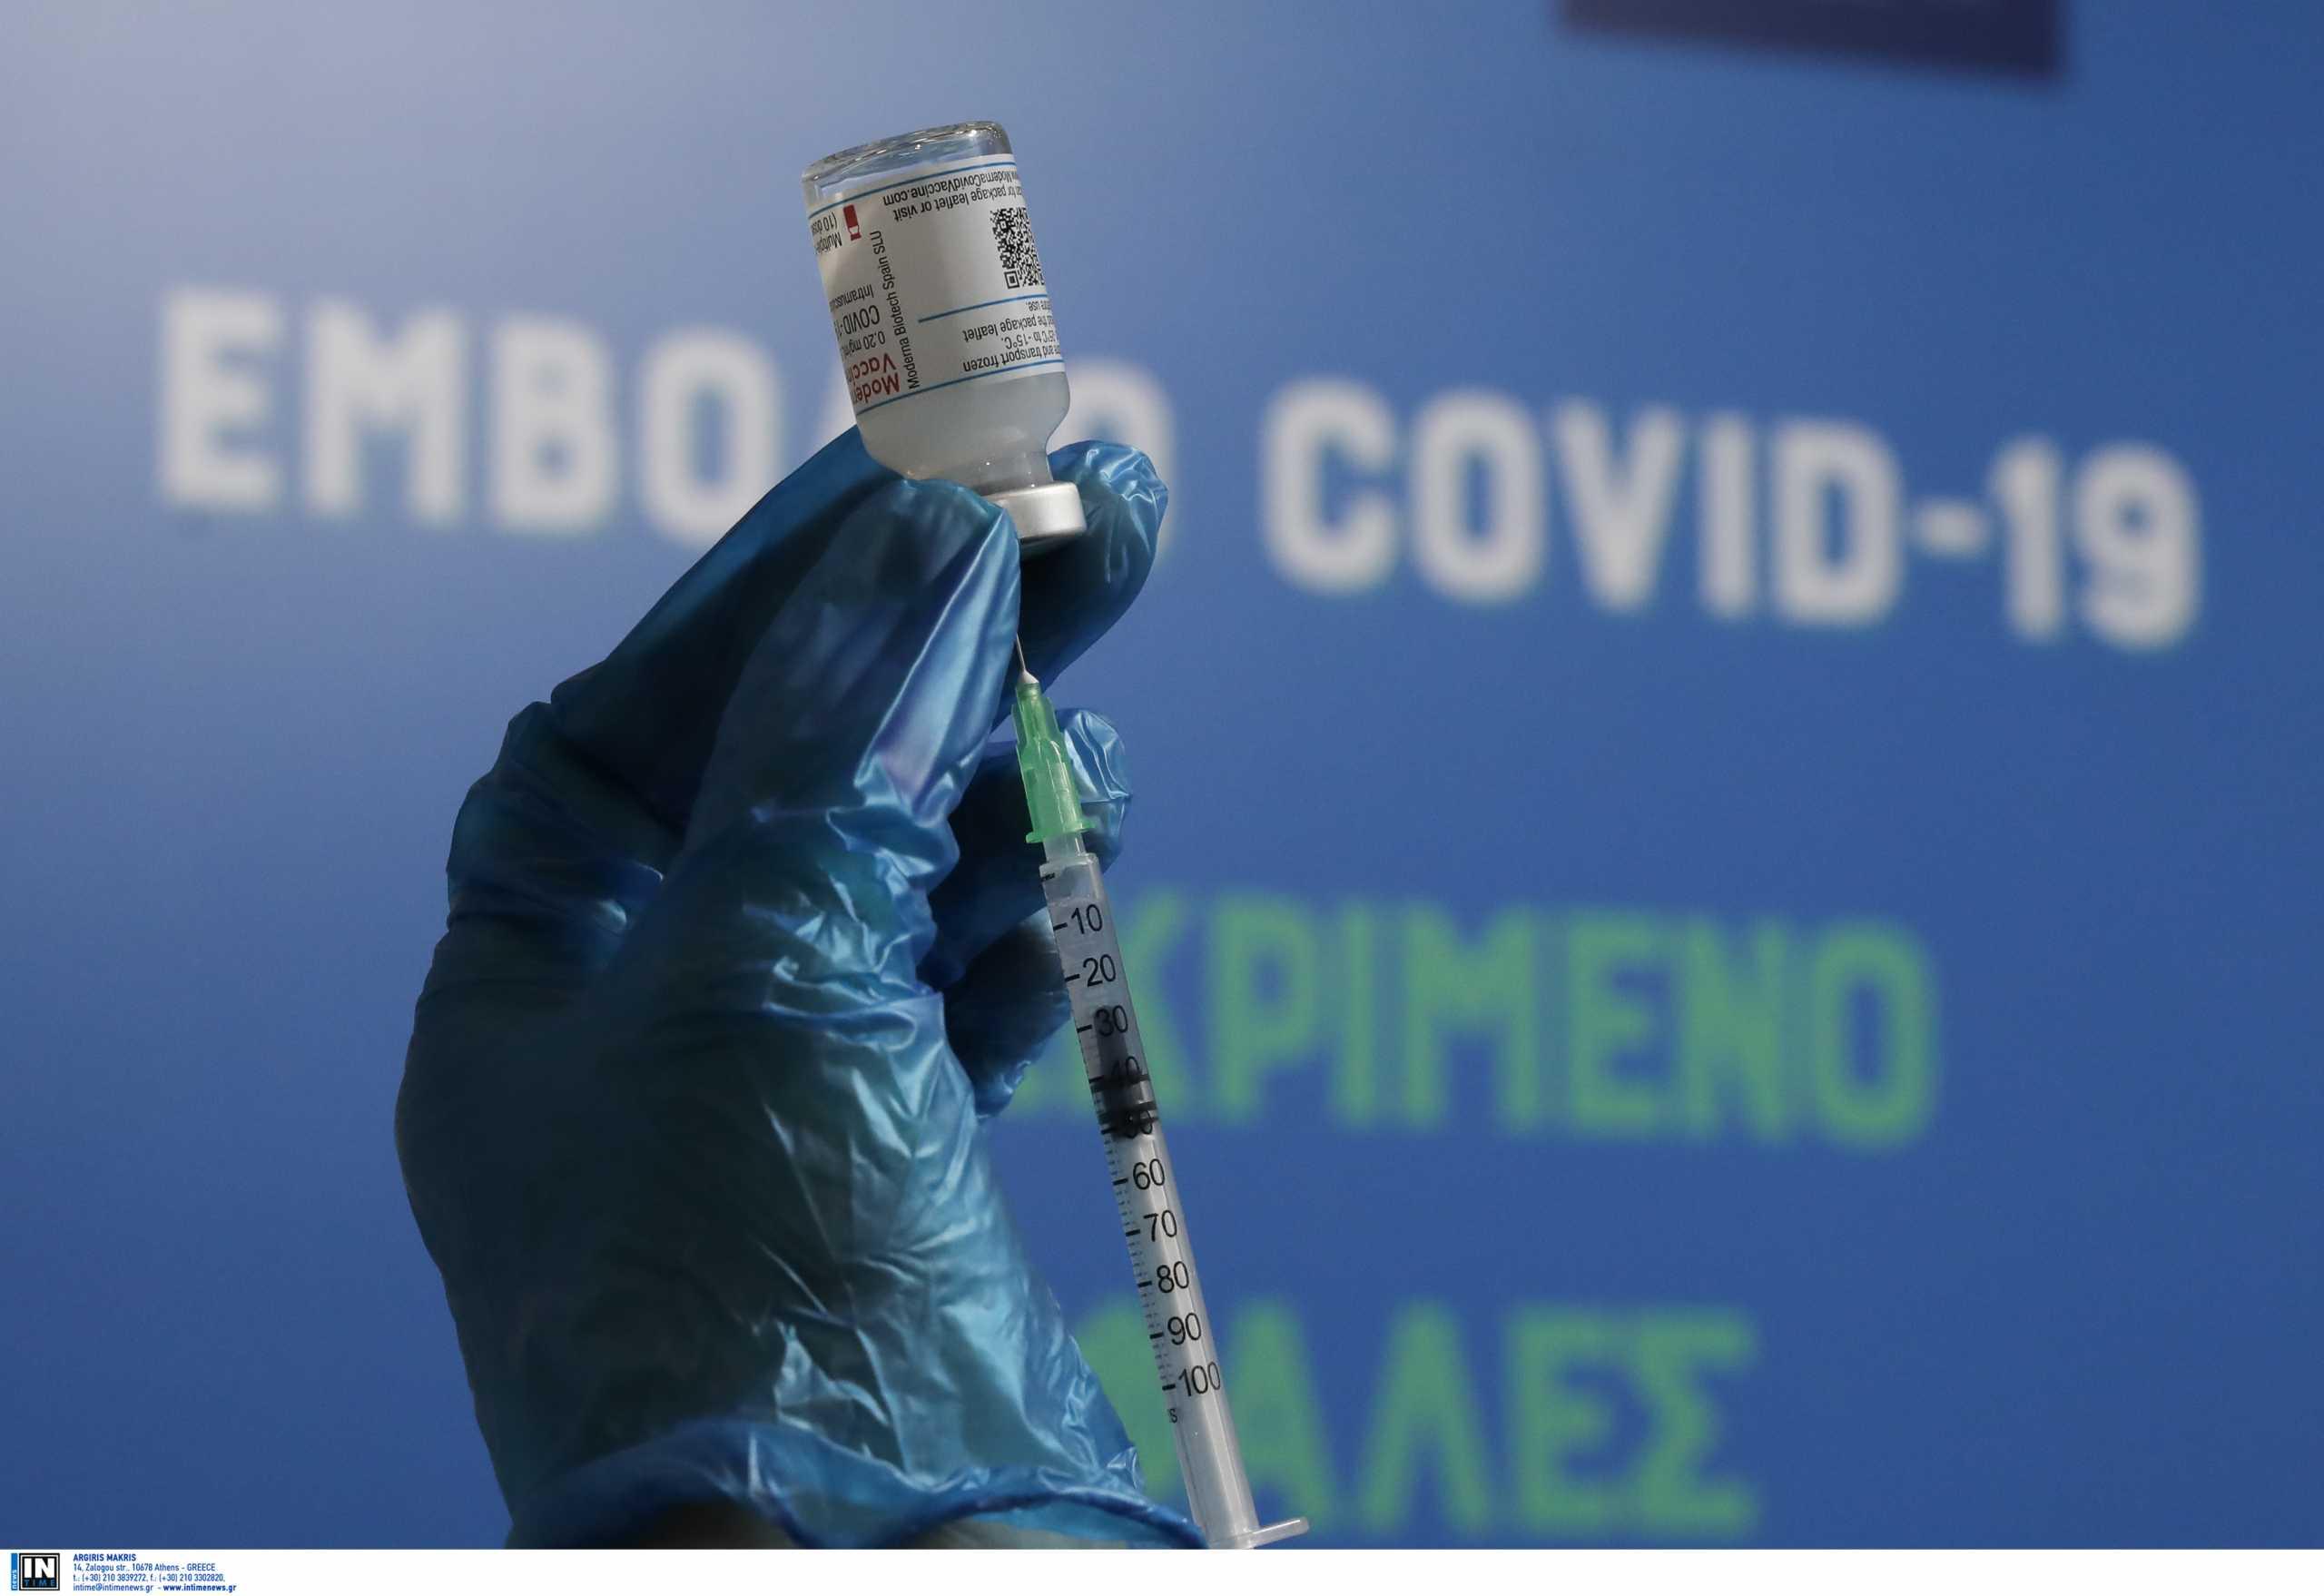 Εμβολιασμοί: Ανοίγει αύριο 26/03 η πλατφόρμα για τις ηλικίες 70-74